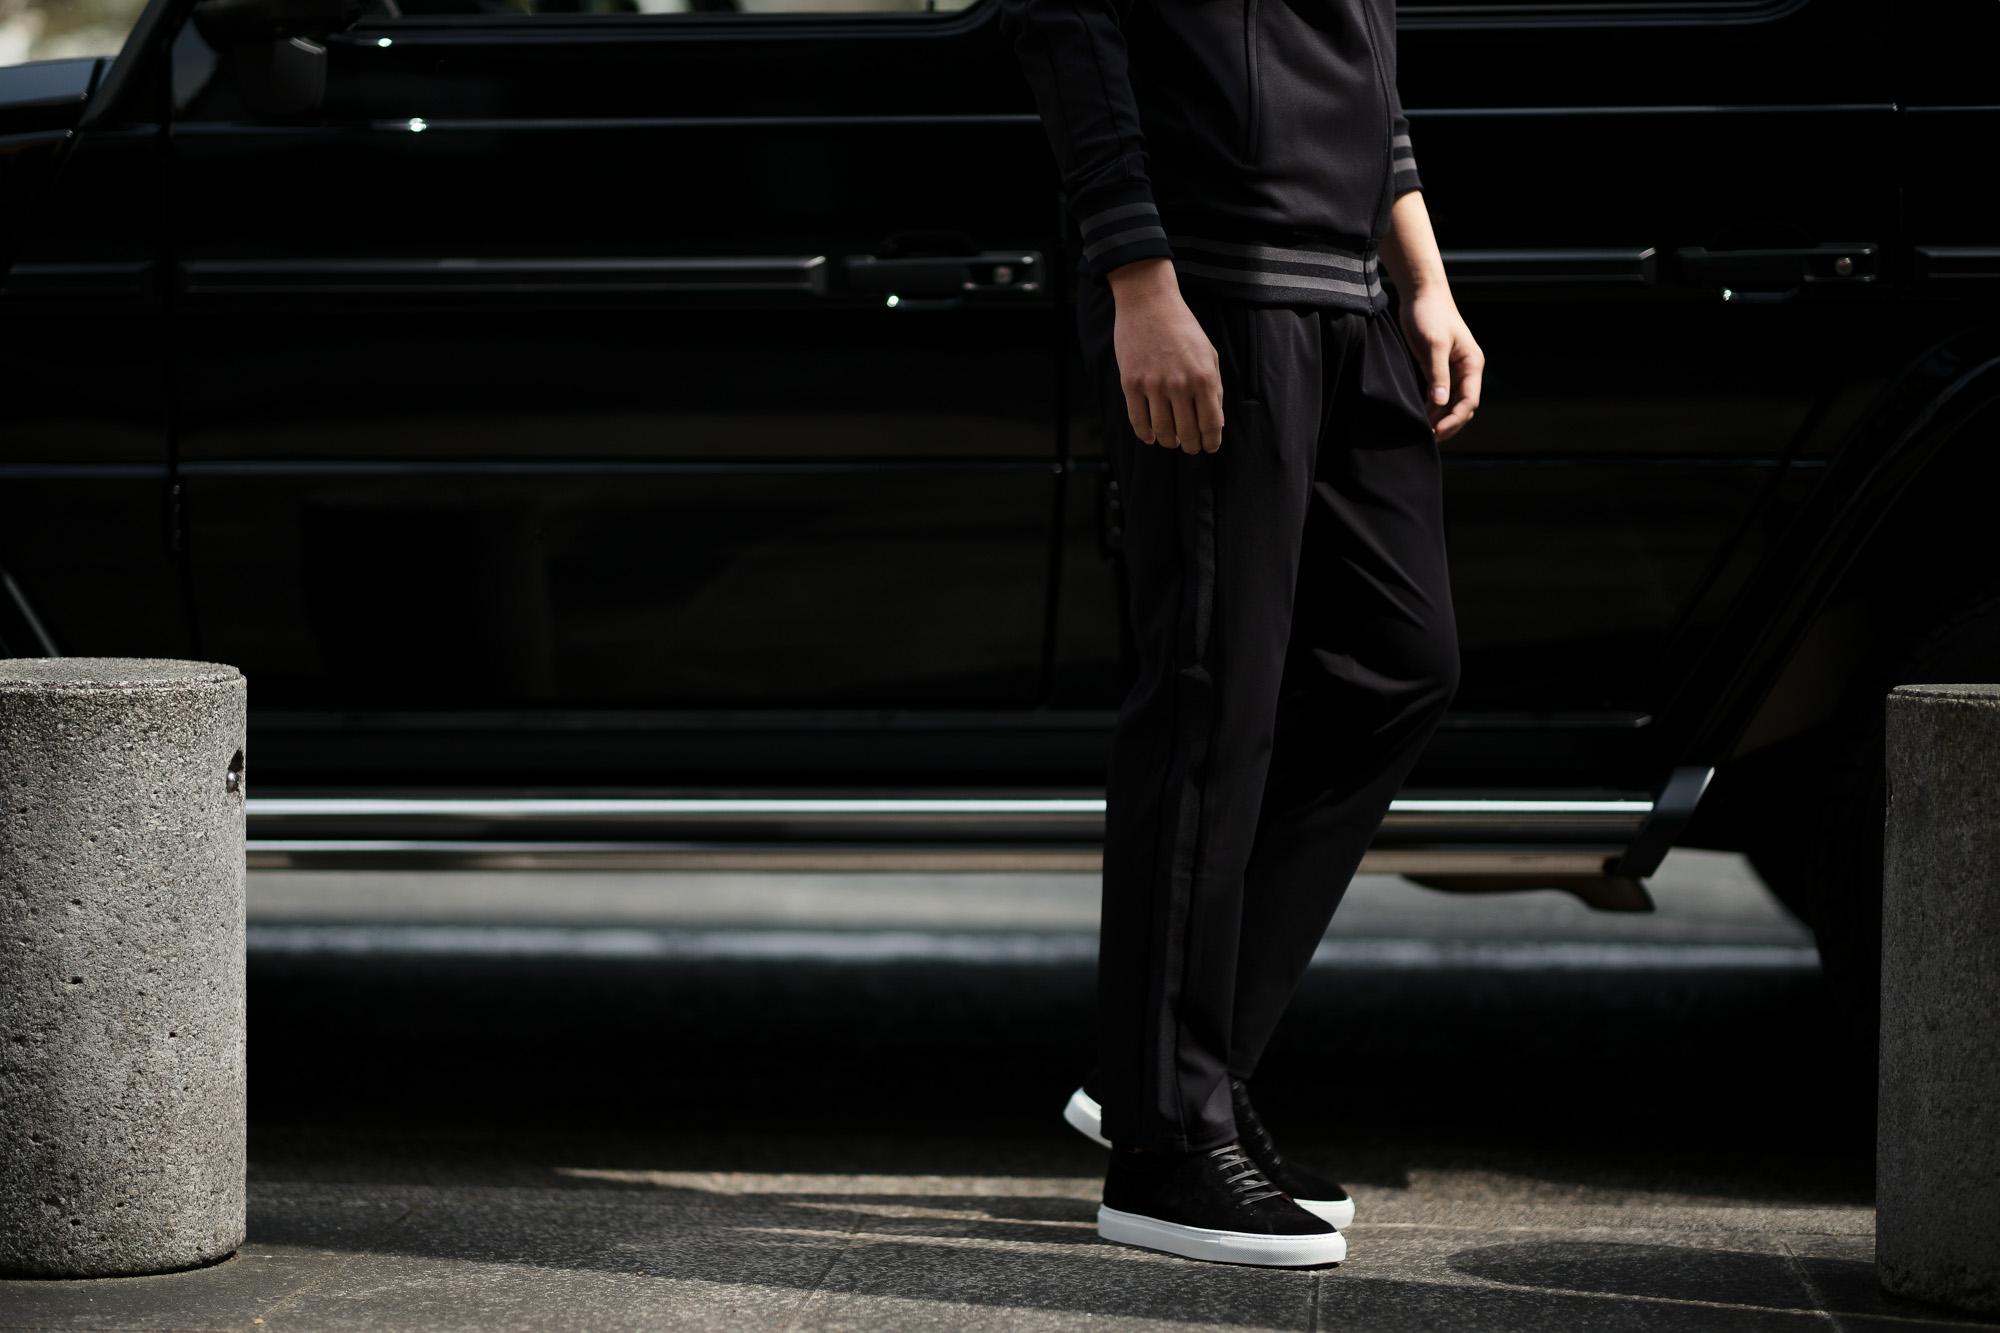 lucien pellat-finet (ルシアン ペラフィネ) Track Pants スカルスターバンド パンツ BLACK (ブラック) MADE IN JAPAN (日本製) 2019 春夏新作 lucienpellatfinet ルシアンペラフィネ alto e diritto アルトエデリット 愛知 名古屋 altoediritto